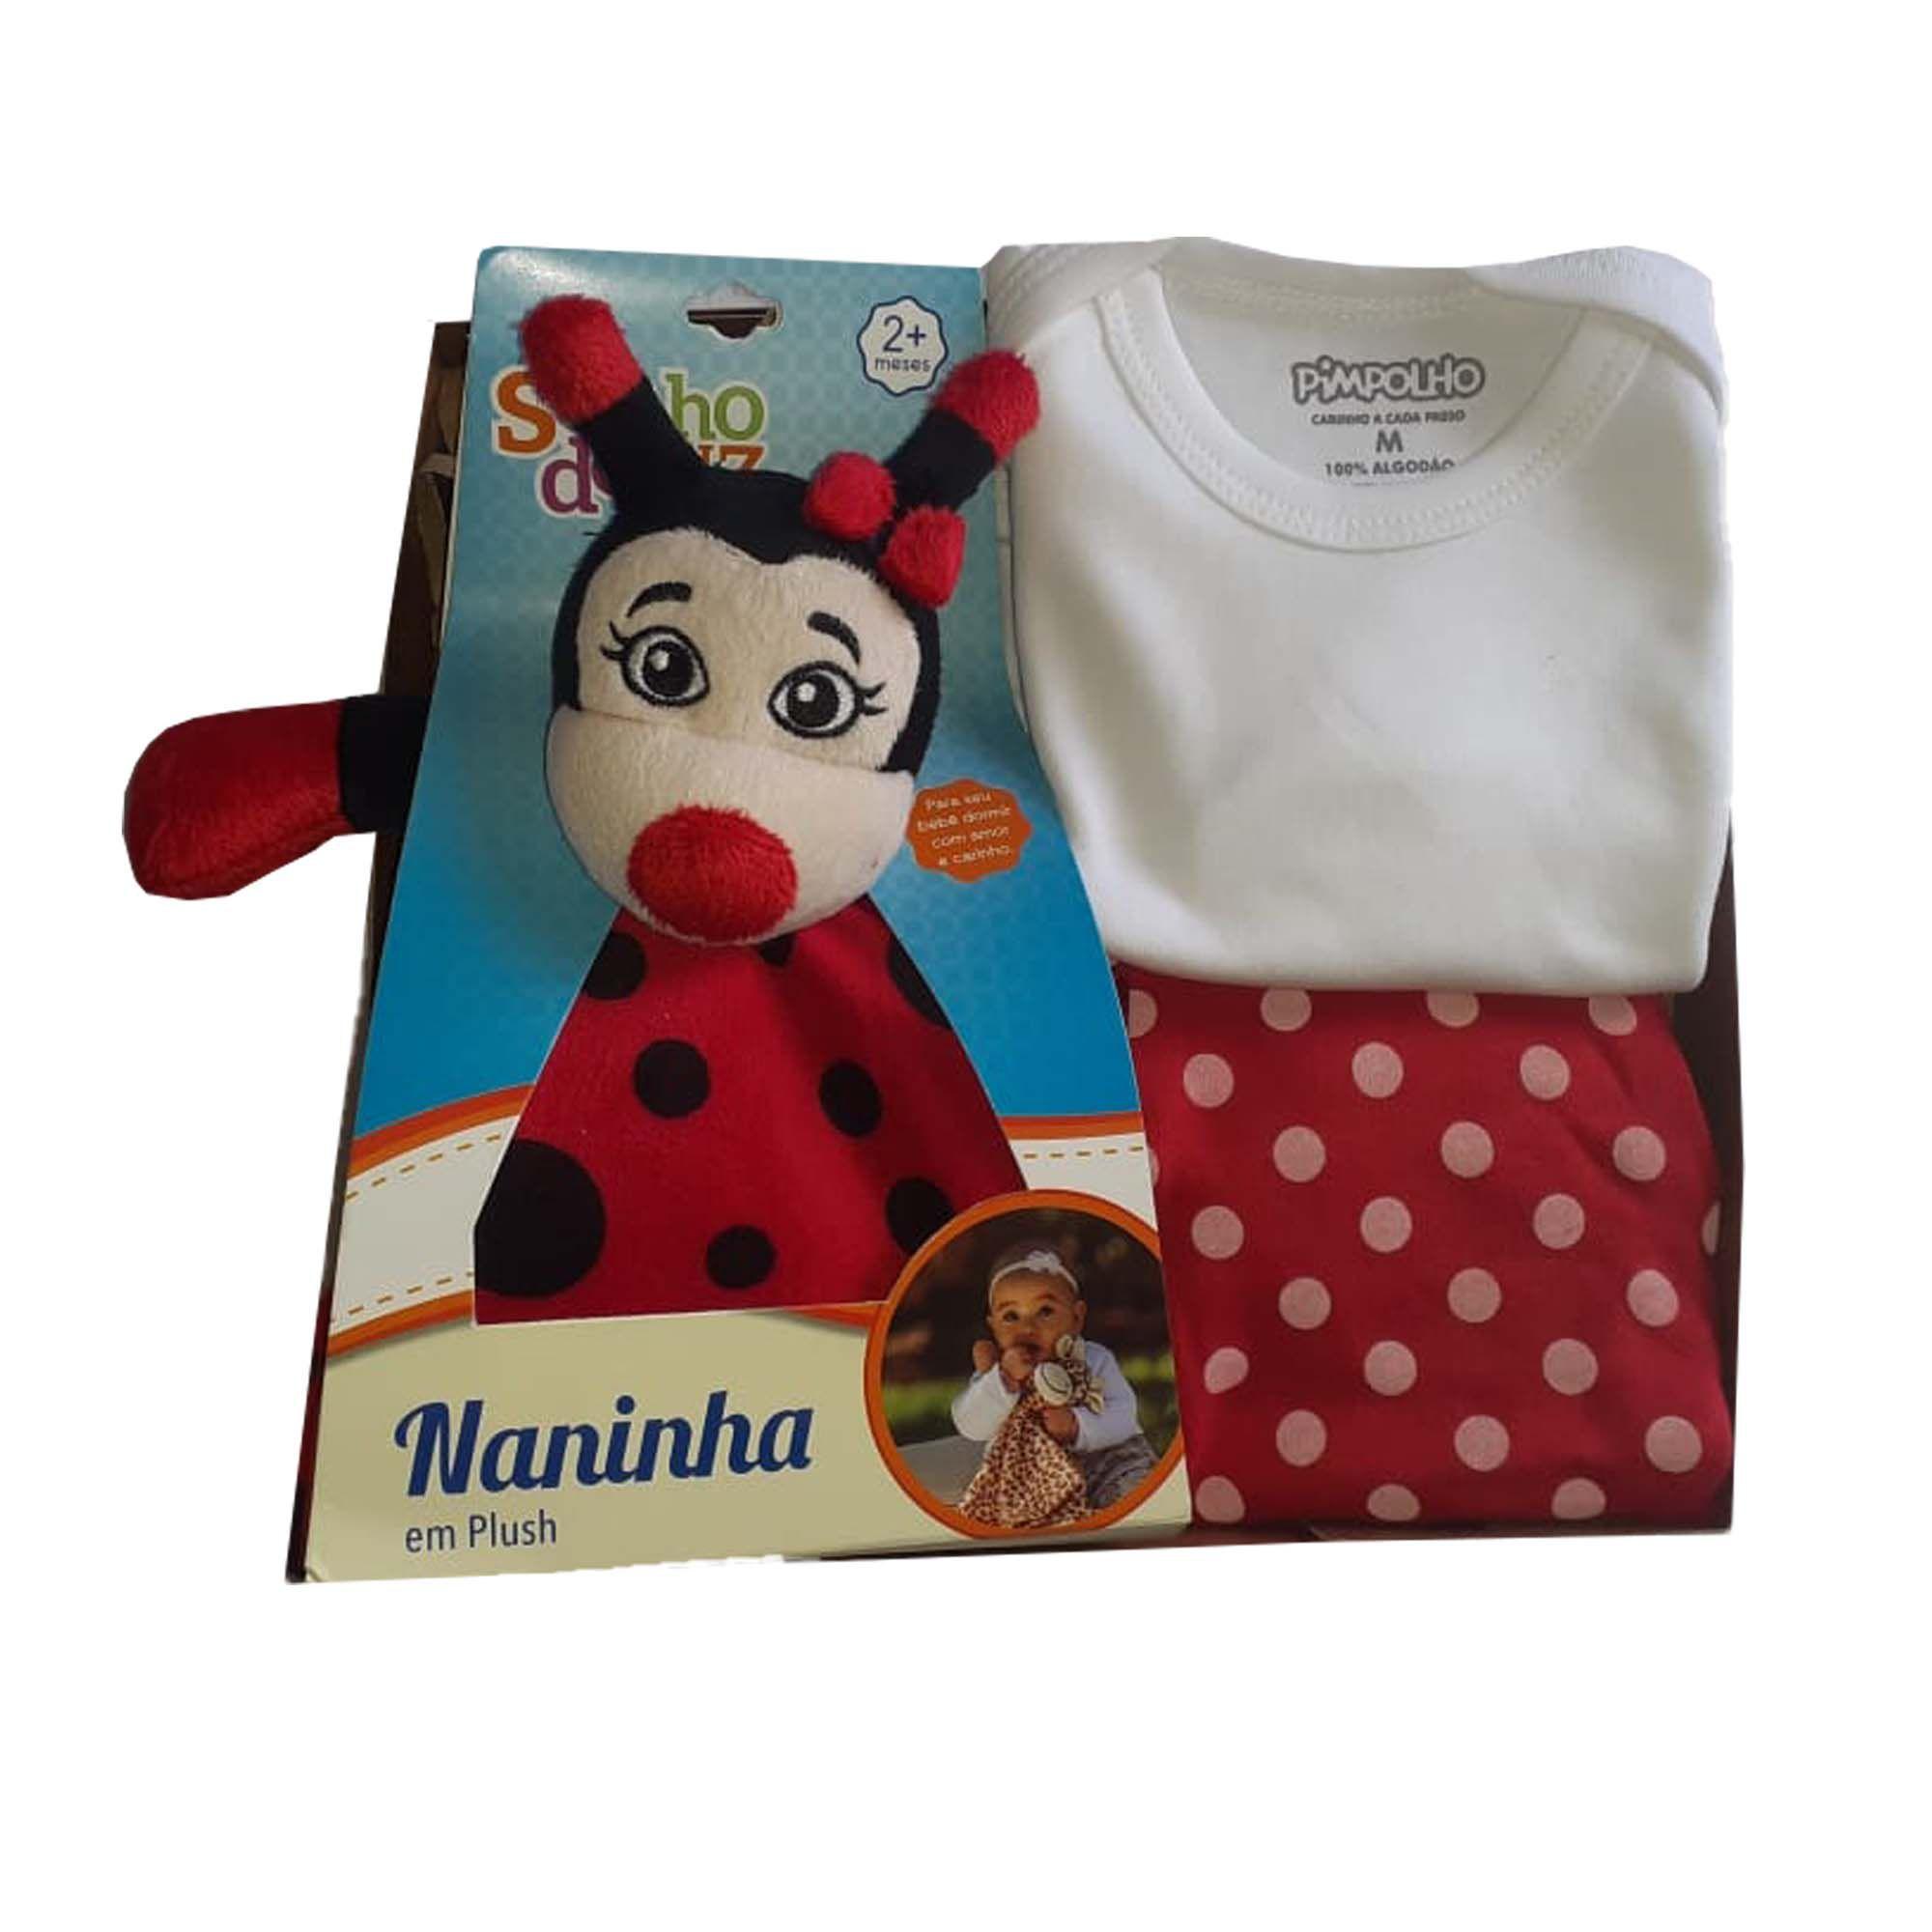 Baby Joaninha